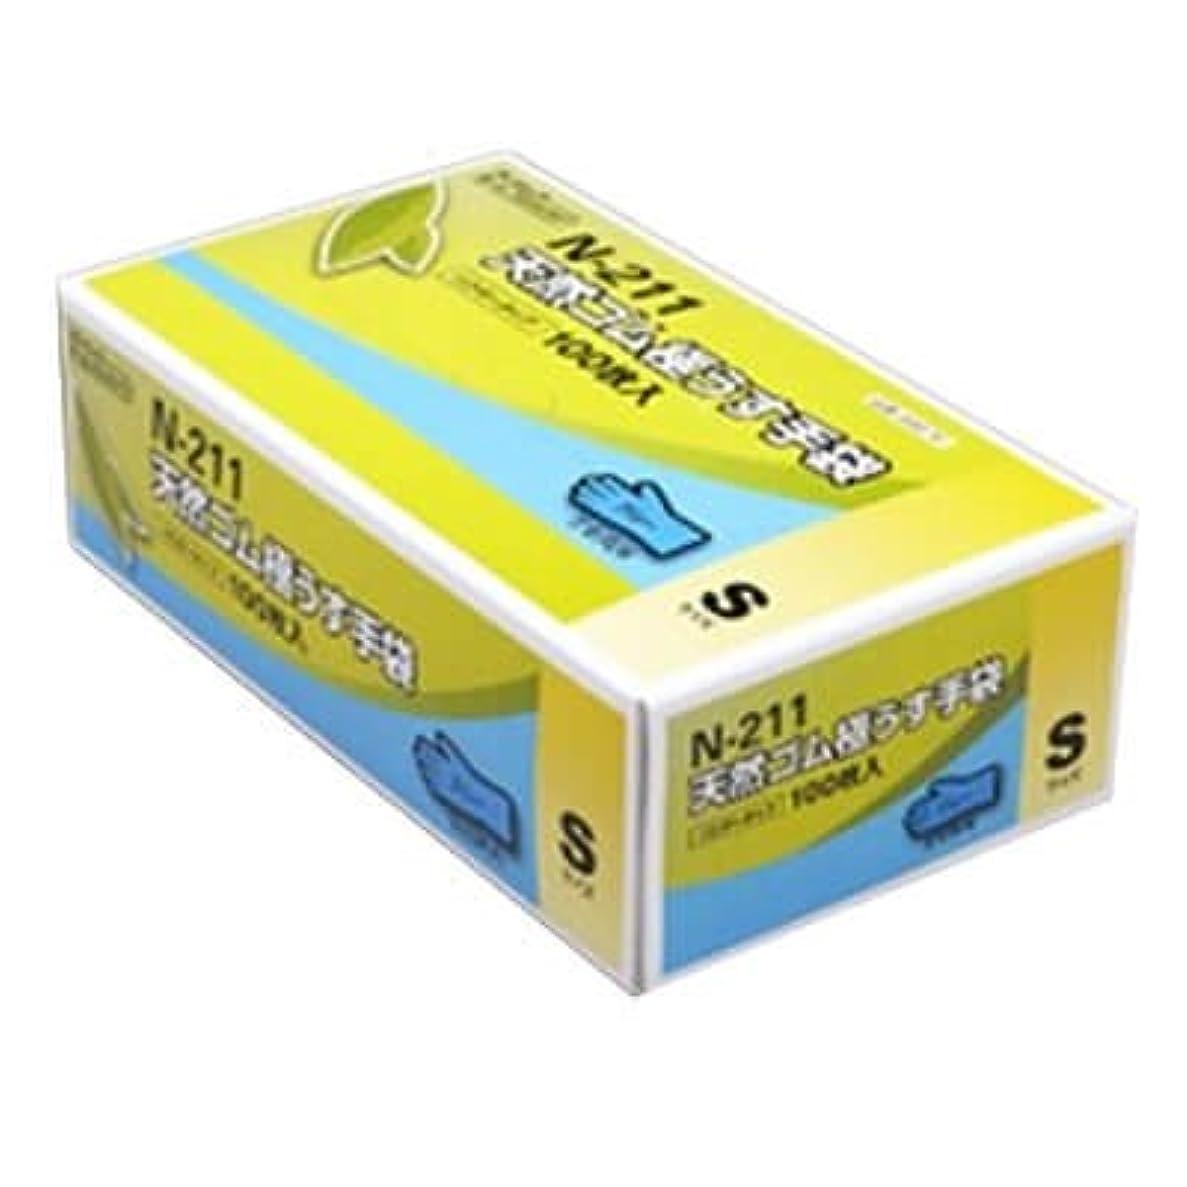 伝記の頭の上パン【ケース販売】 ダンロップ 天然ゴム極うす手袋 N-211 S ブルー (100枚入×20箱)